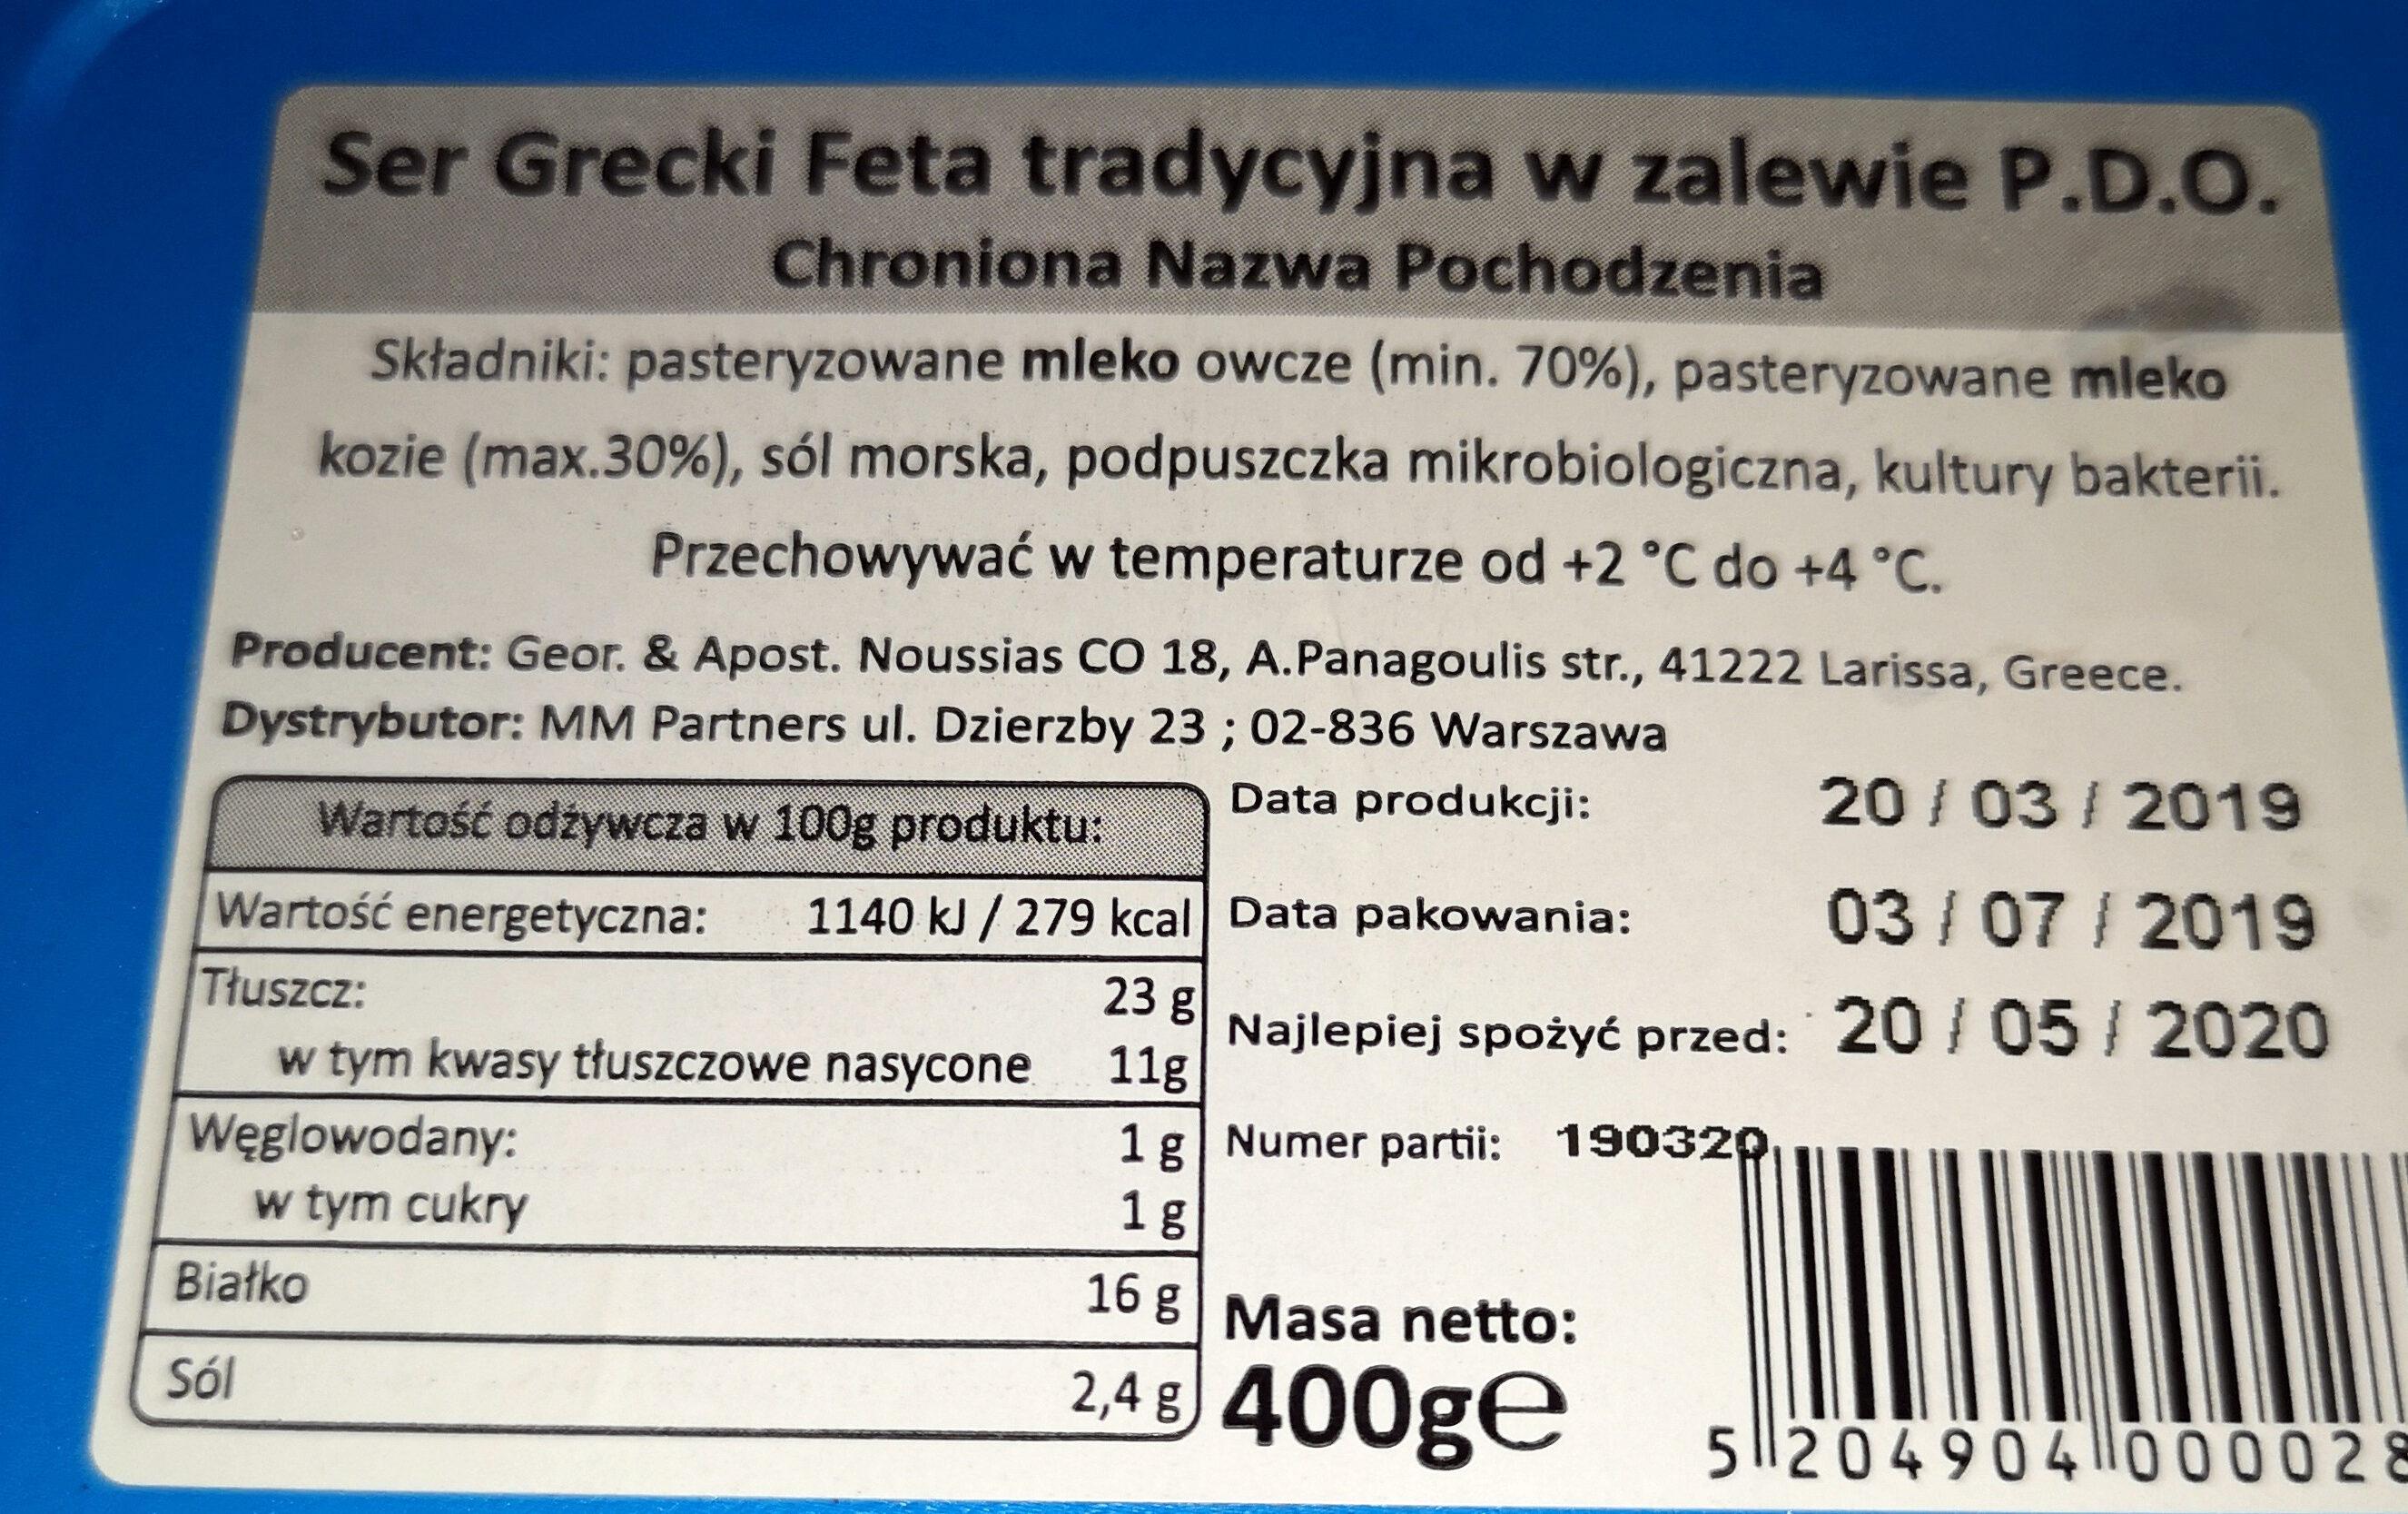 Ser Grecki Feta tradycyjna w zalewie P. D. O - Wartości odżywcze